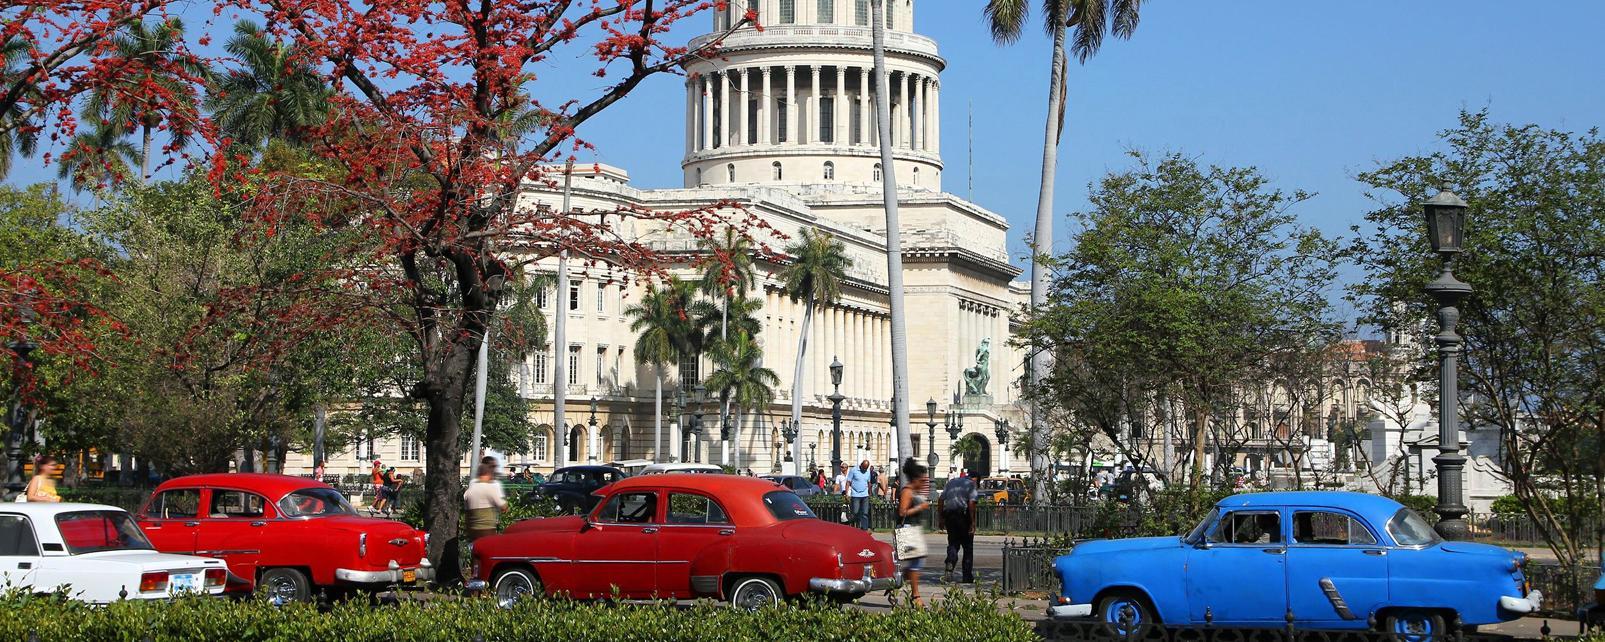 Caraïbes, Cuba, La Havane, Havane, voiture, ville,